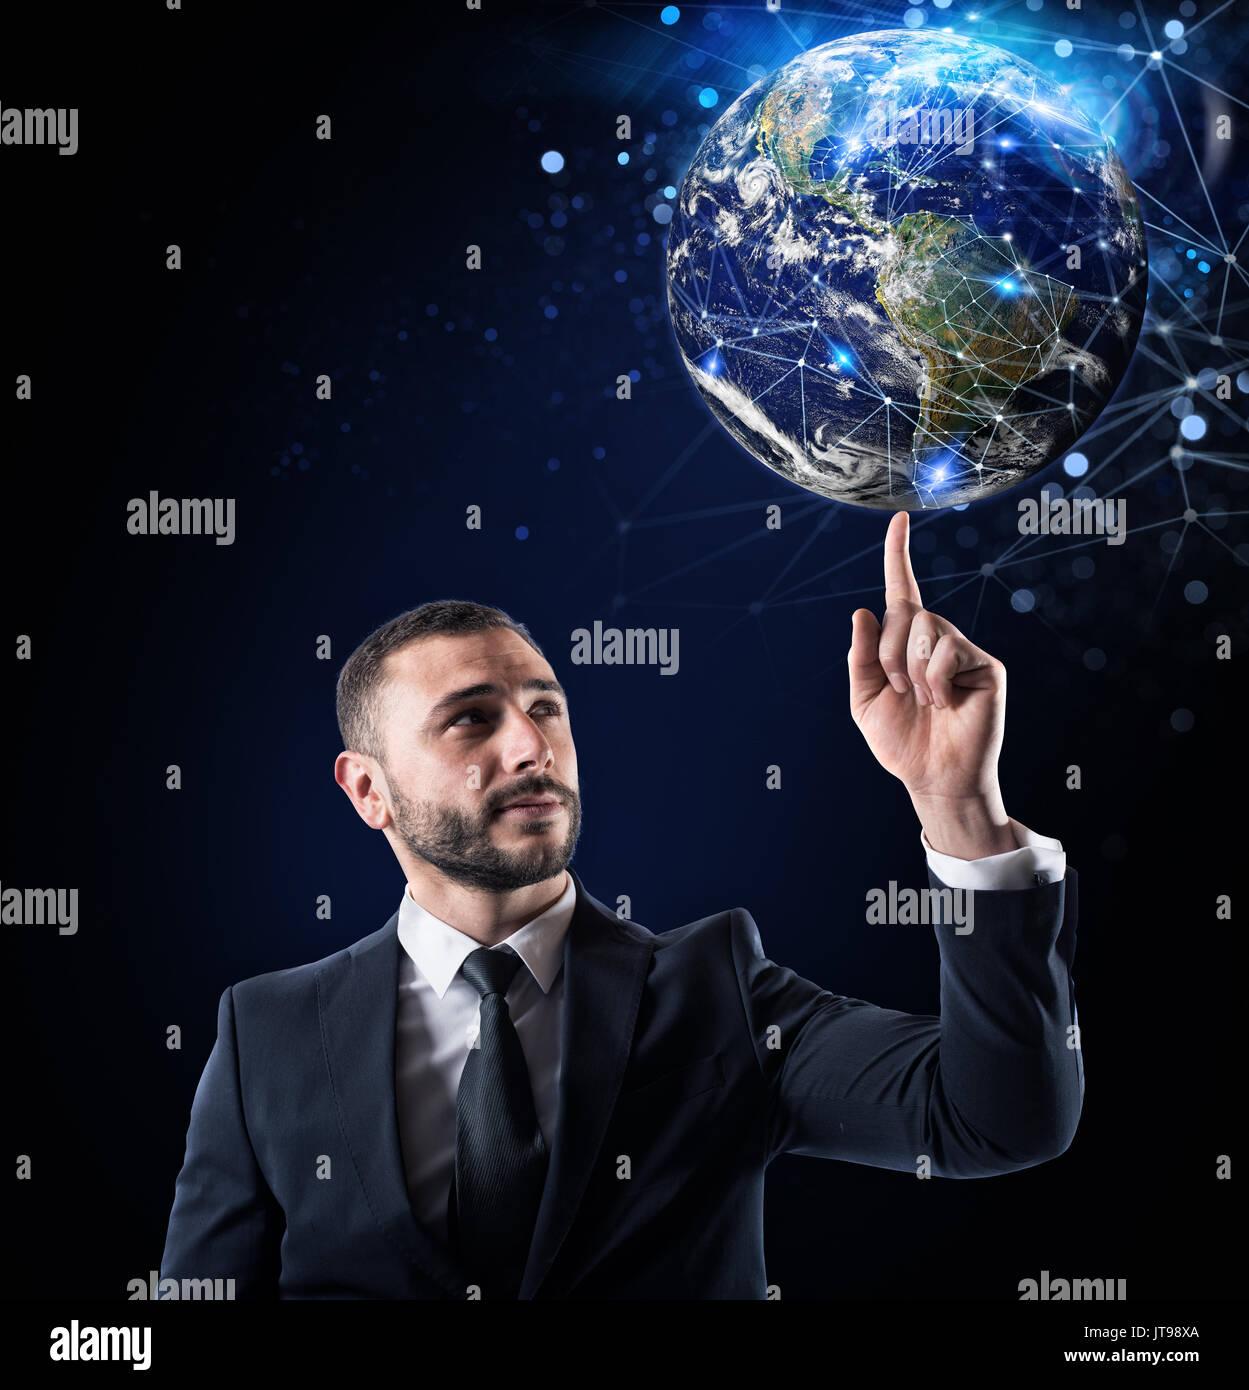 Internet a livello globale il concetto di connessione. Mondo fornite dalla NASA Immagini Stock